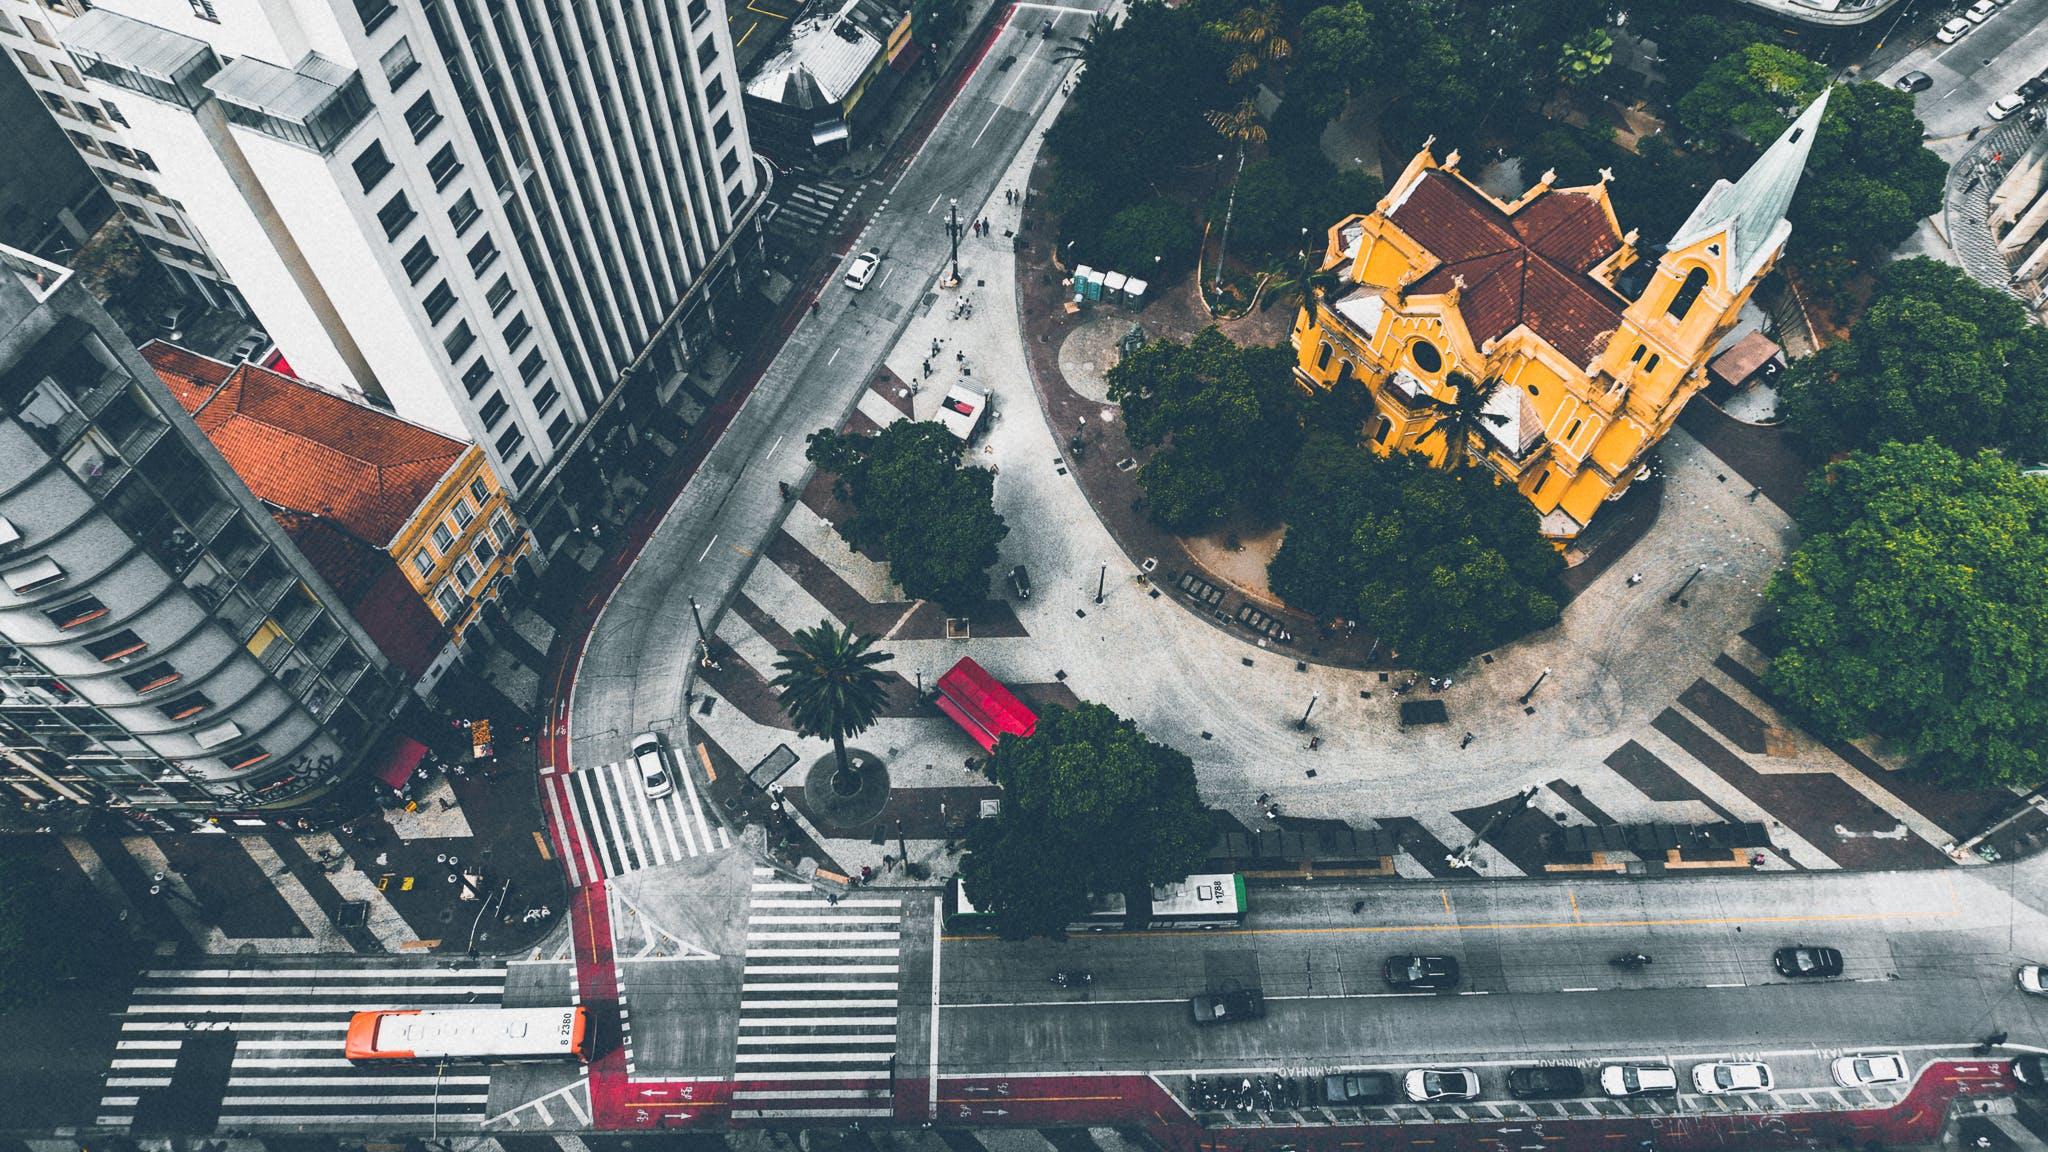 αρχιτεκτονική, αστικός, αυτοκίνητα